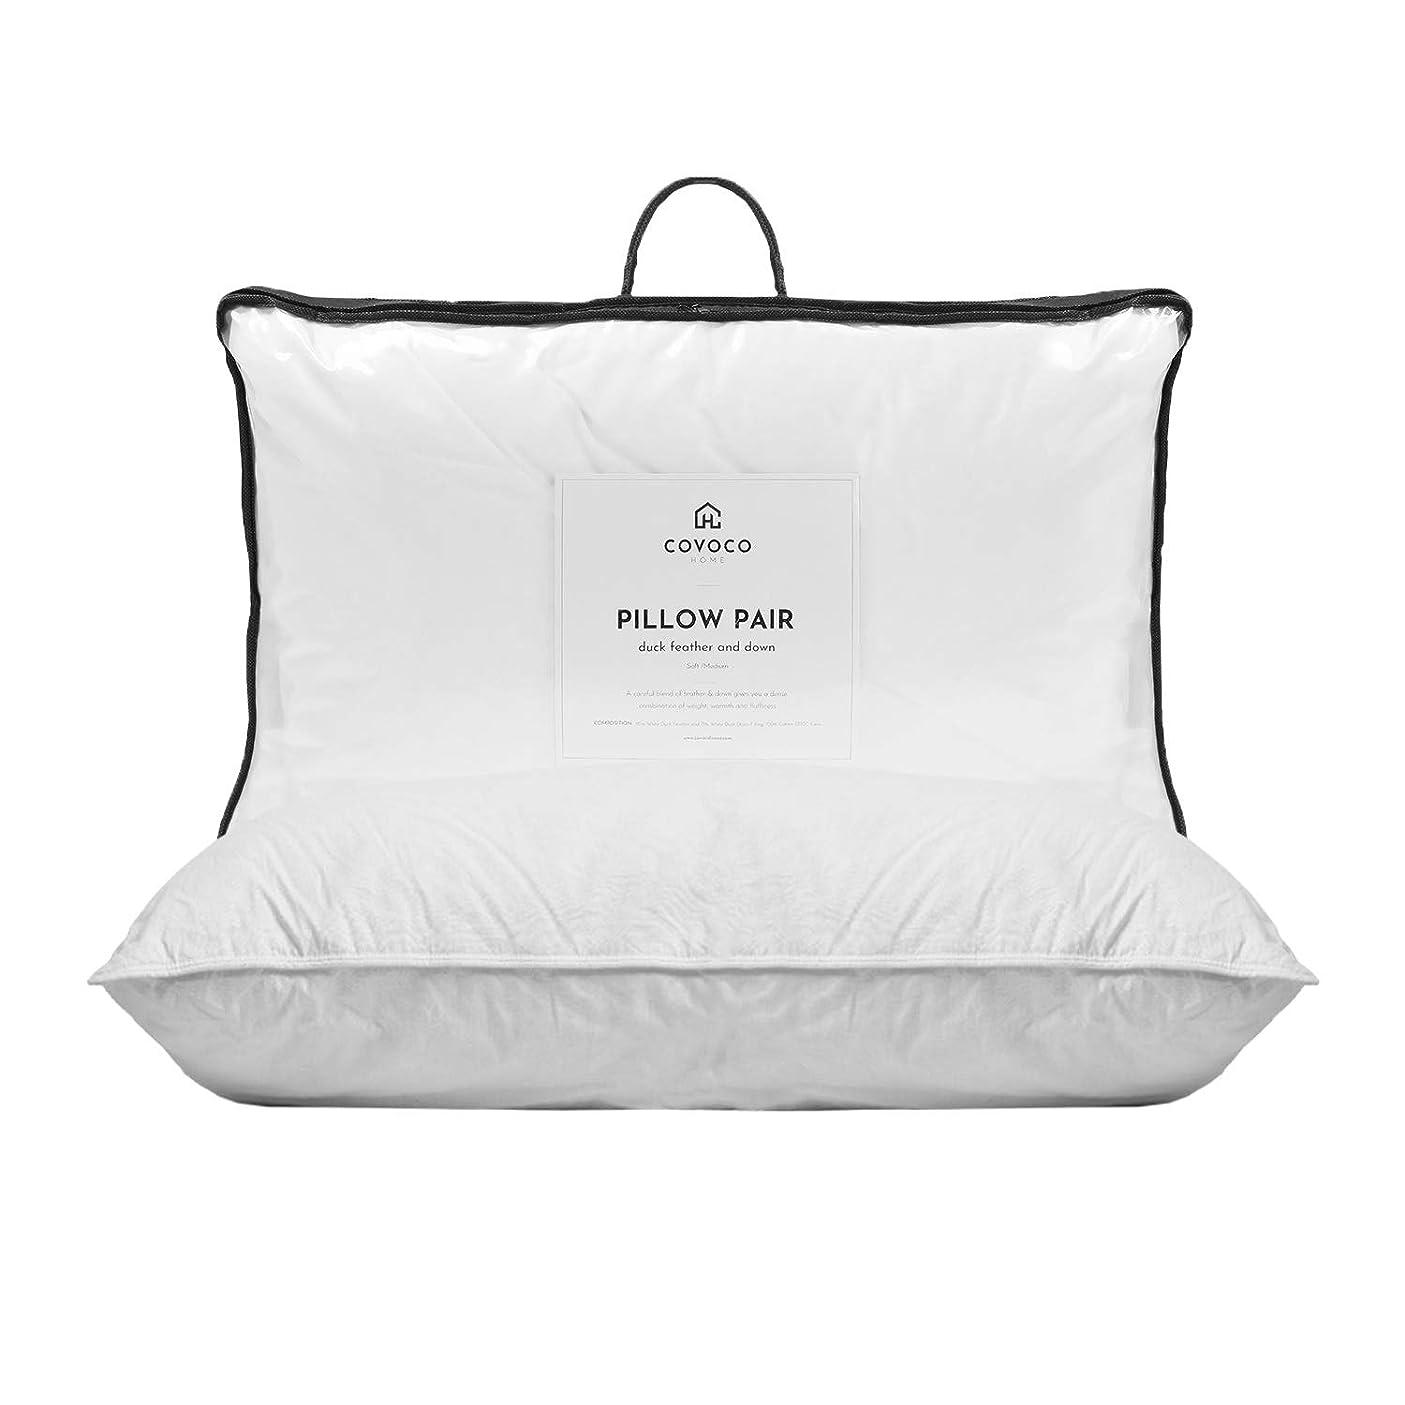 どちらか素晴らしいです取り替えるCovoco Home - 柔らかい枕のペア、アヒルの羽、50 x 90 cm、色:白